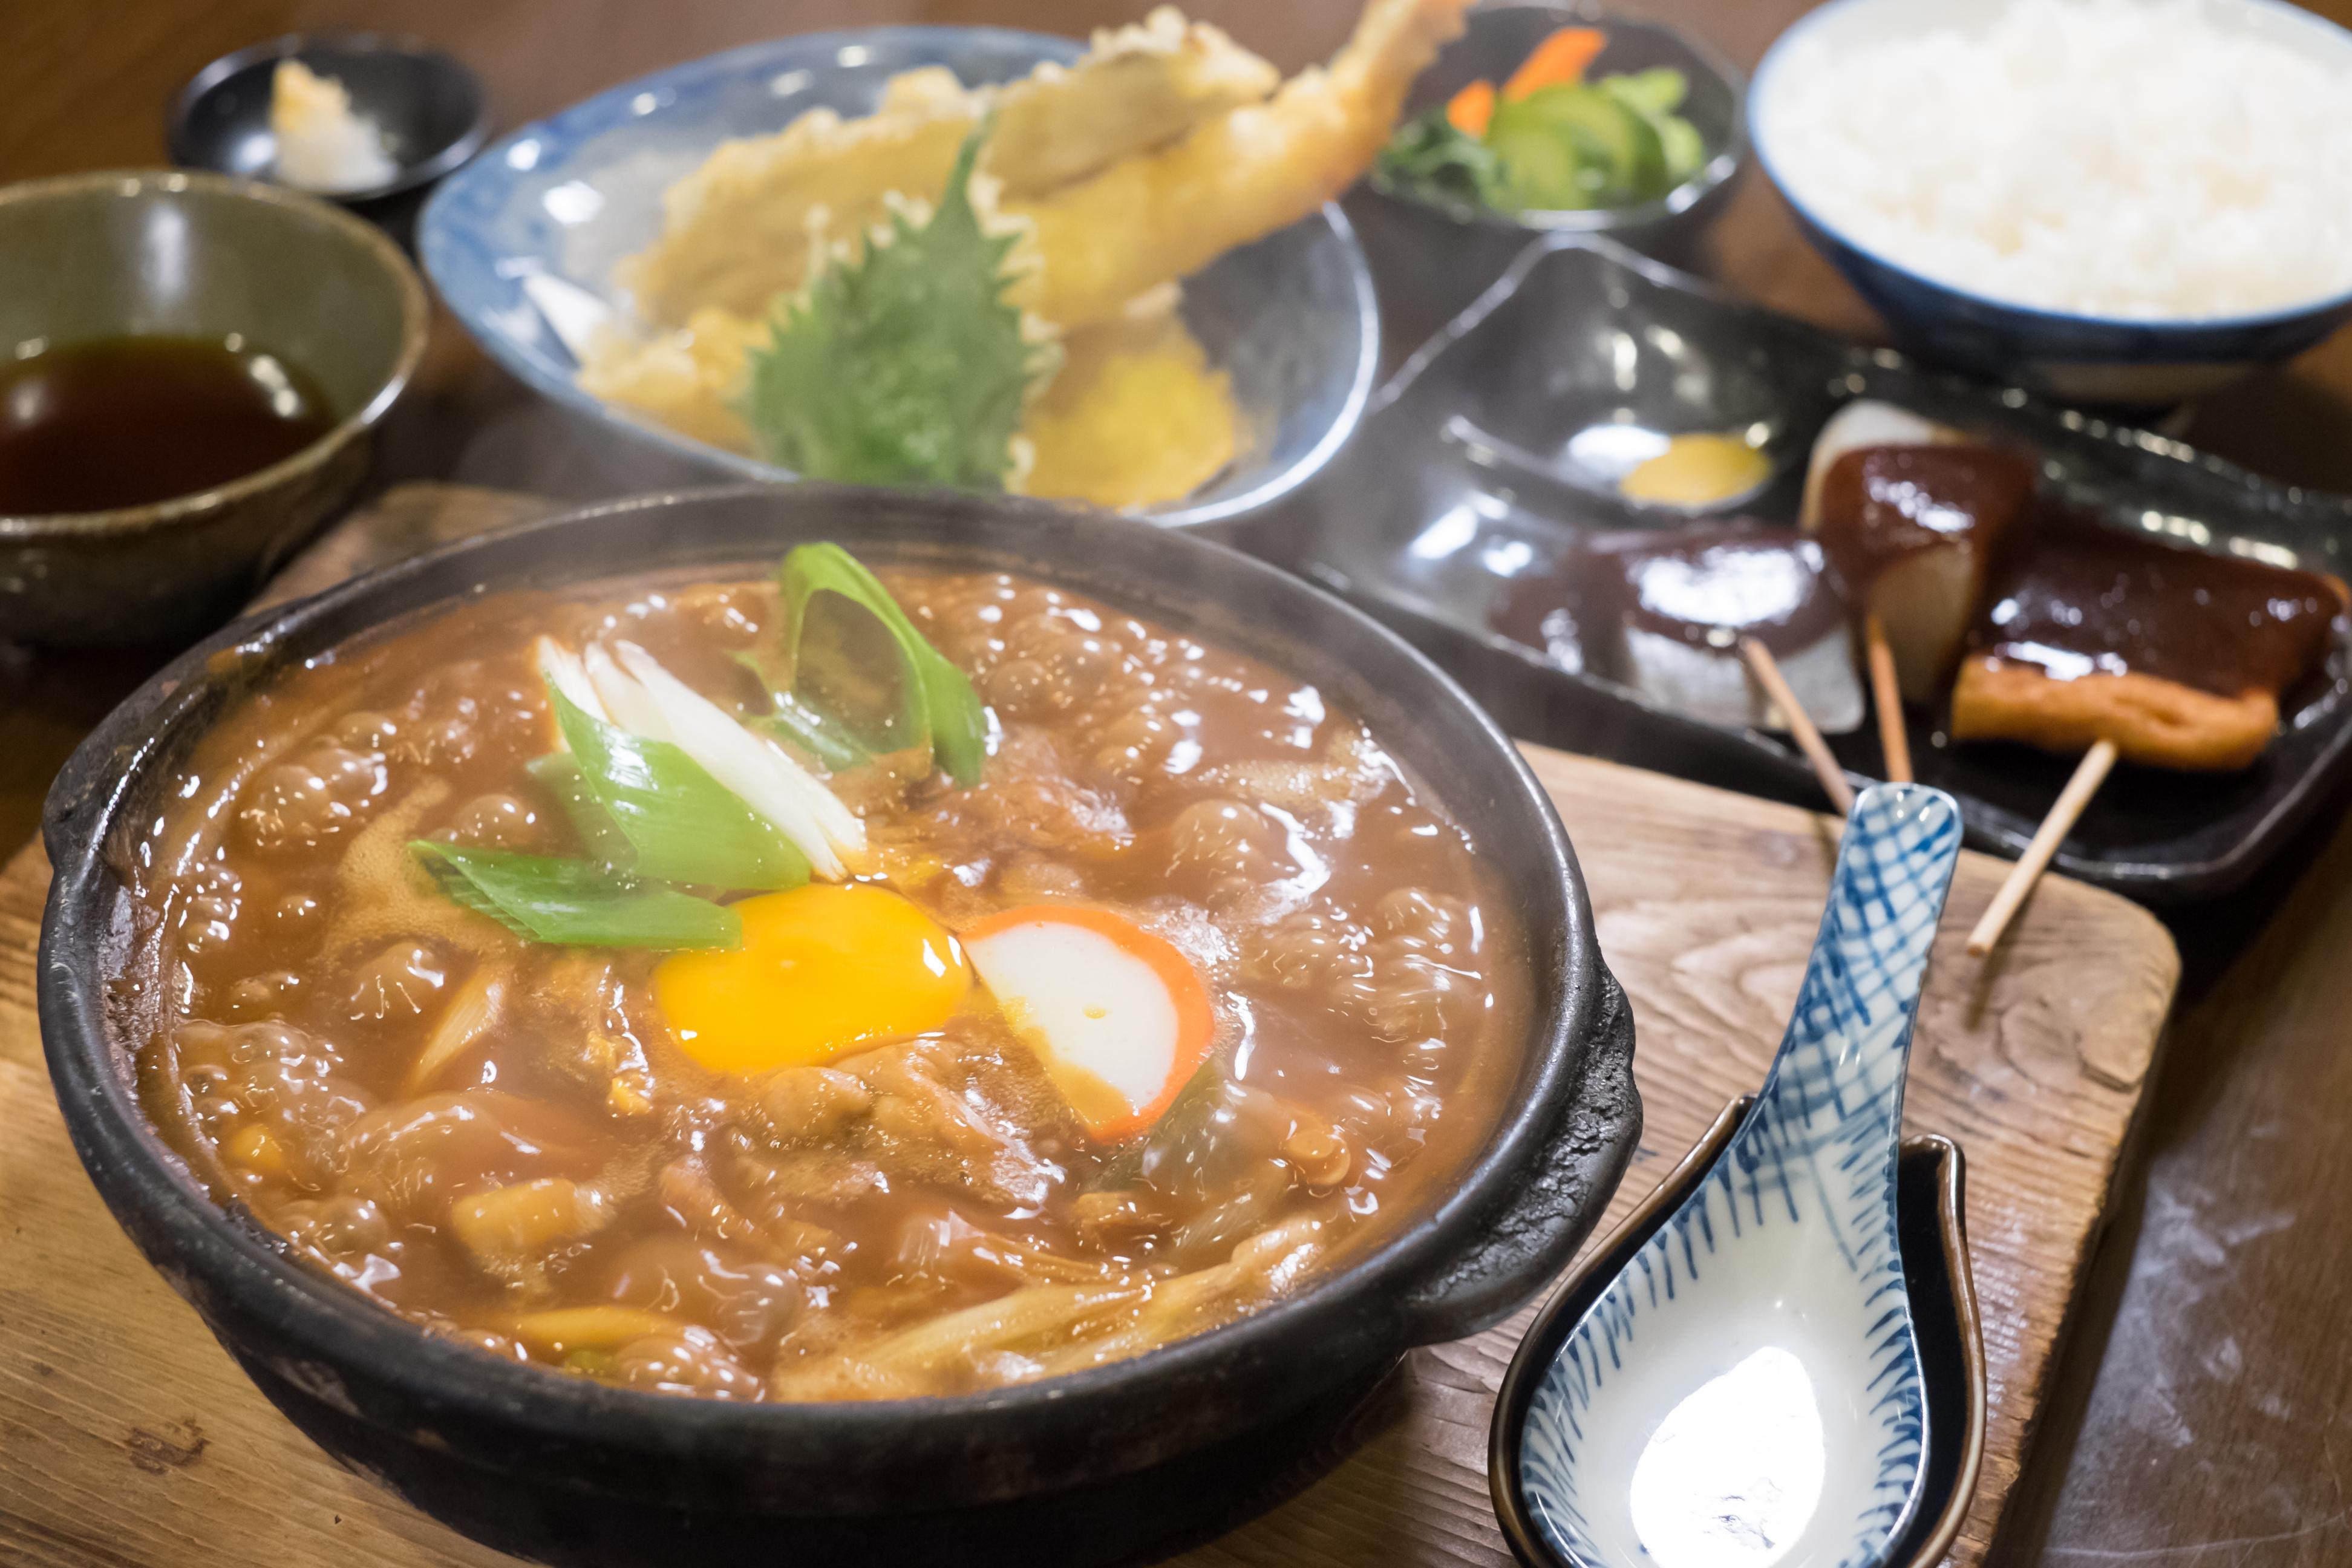 「名古屋名物」山本屋の味噌煮込みうどんづくり体験プラン